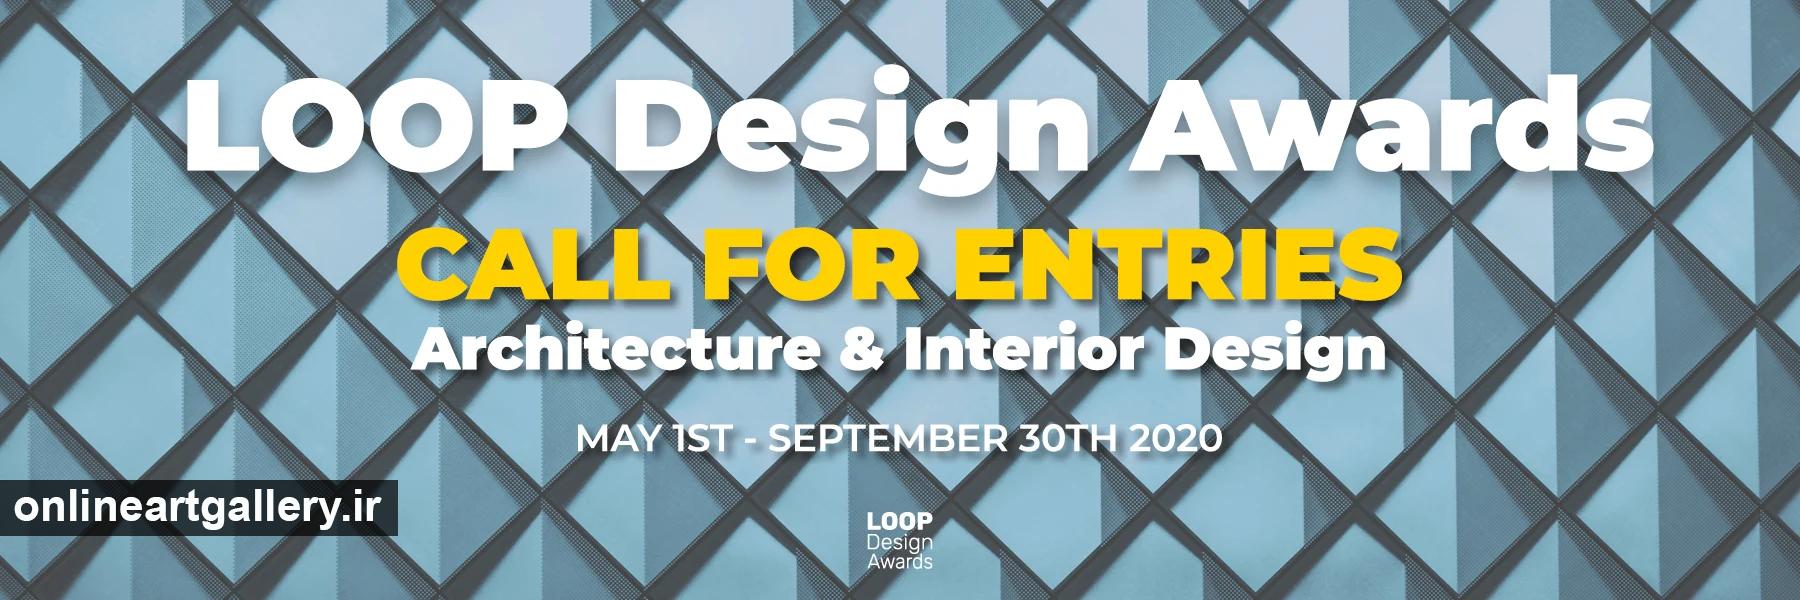 فراخوان جوایز طراحی LOOP 2020